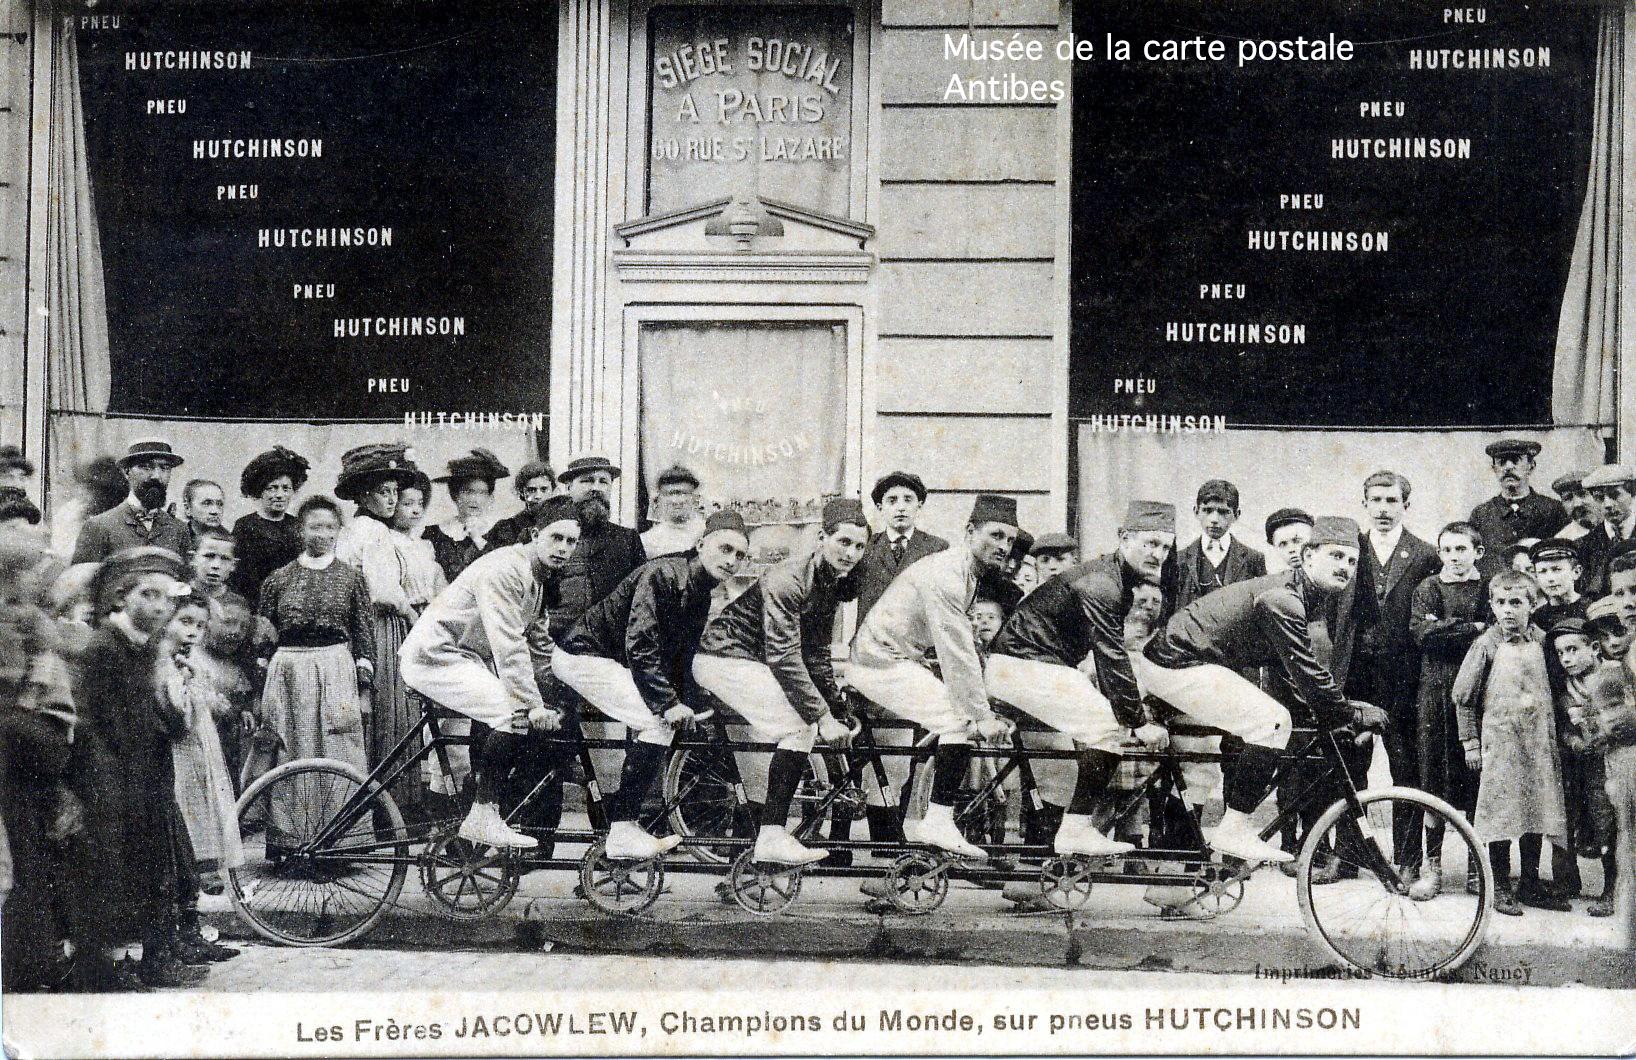 Carte postale publicitaire représentant les frères Jacowlew sur un vélo tandem à 6 places.